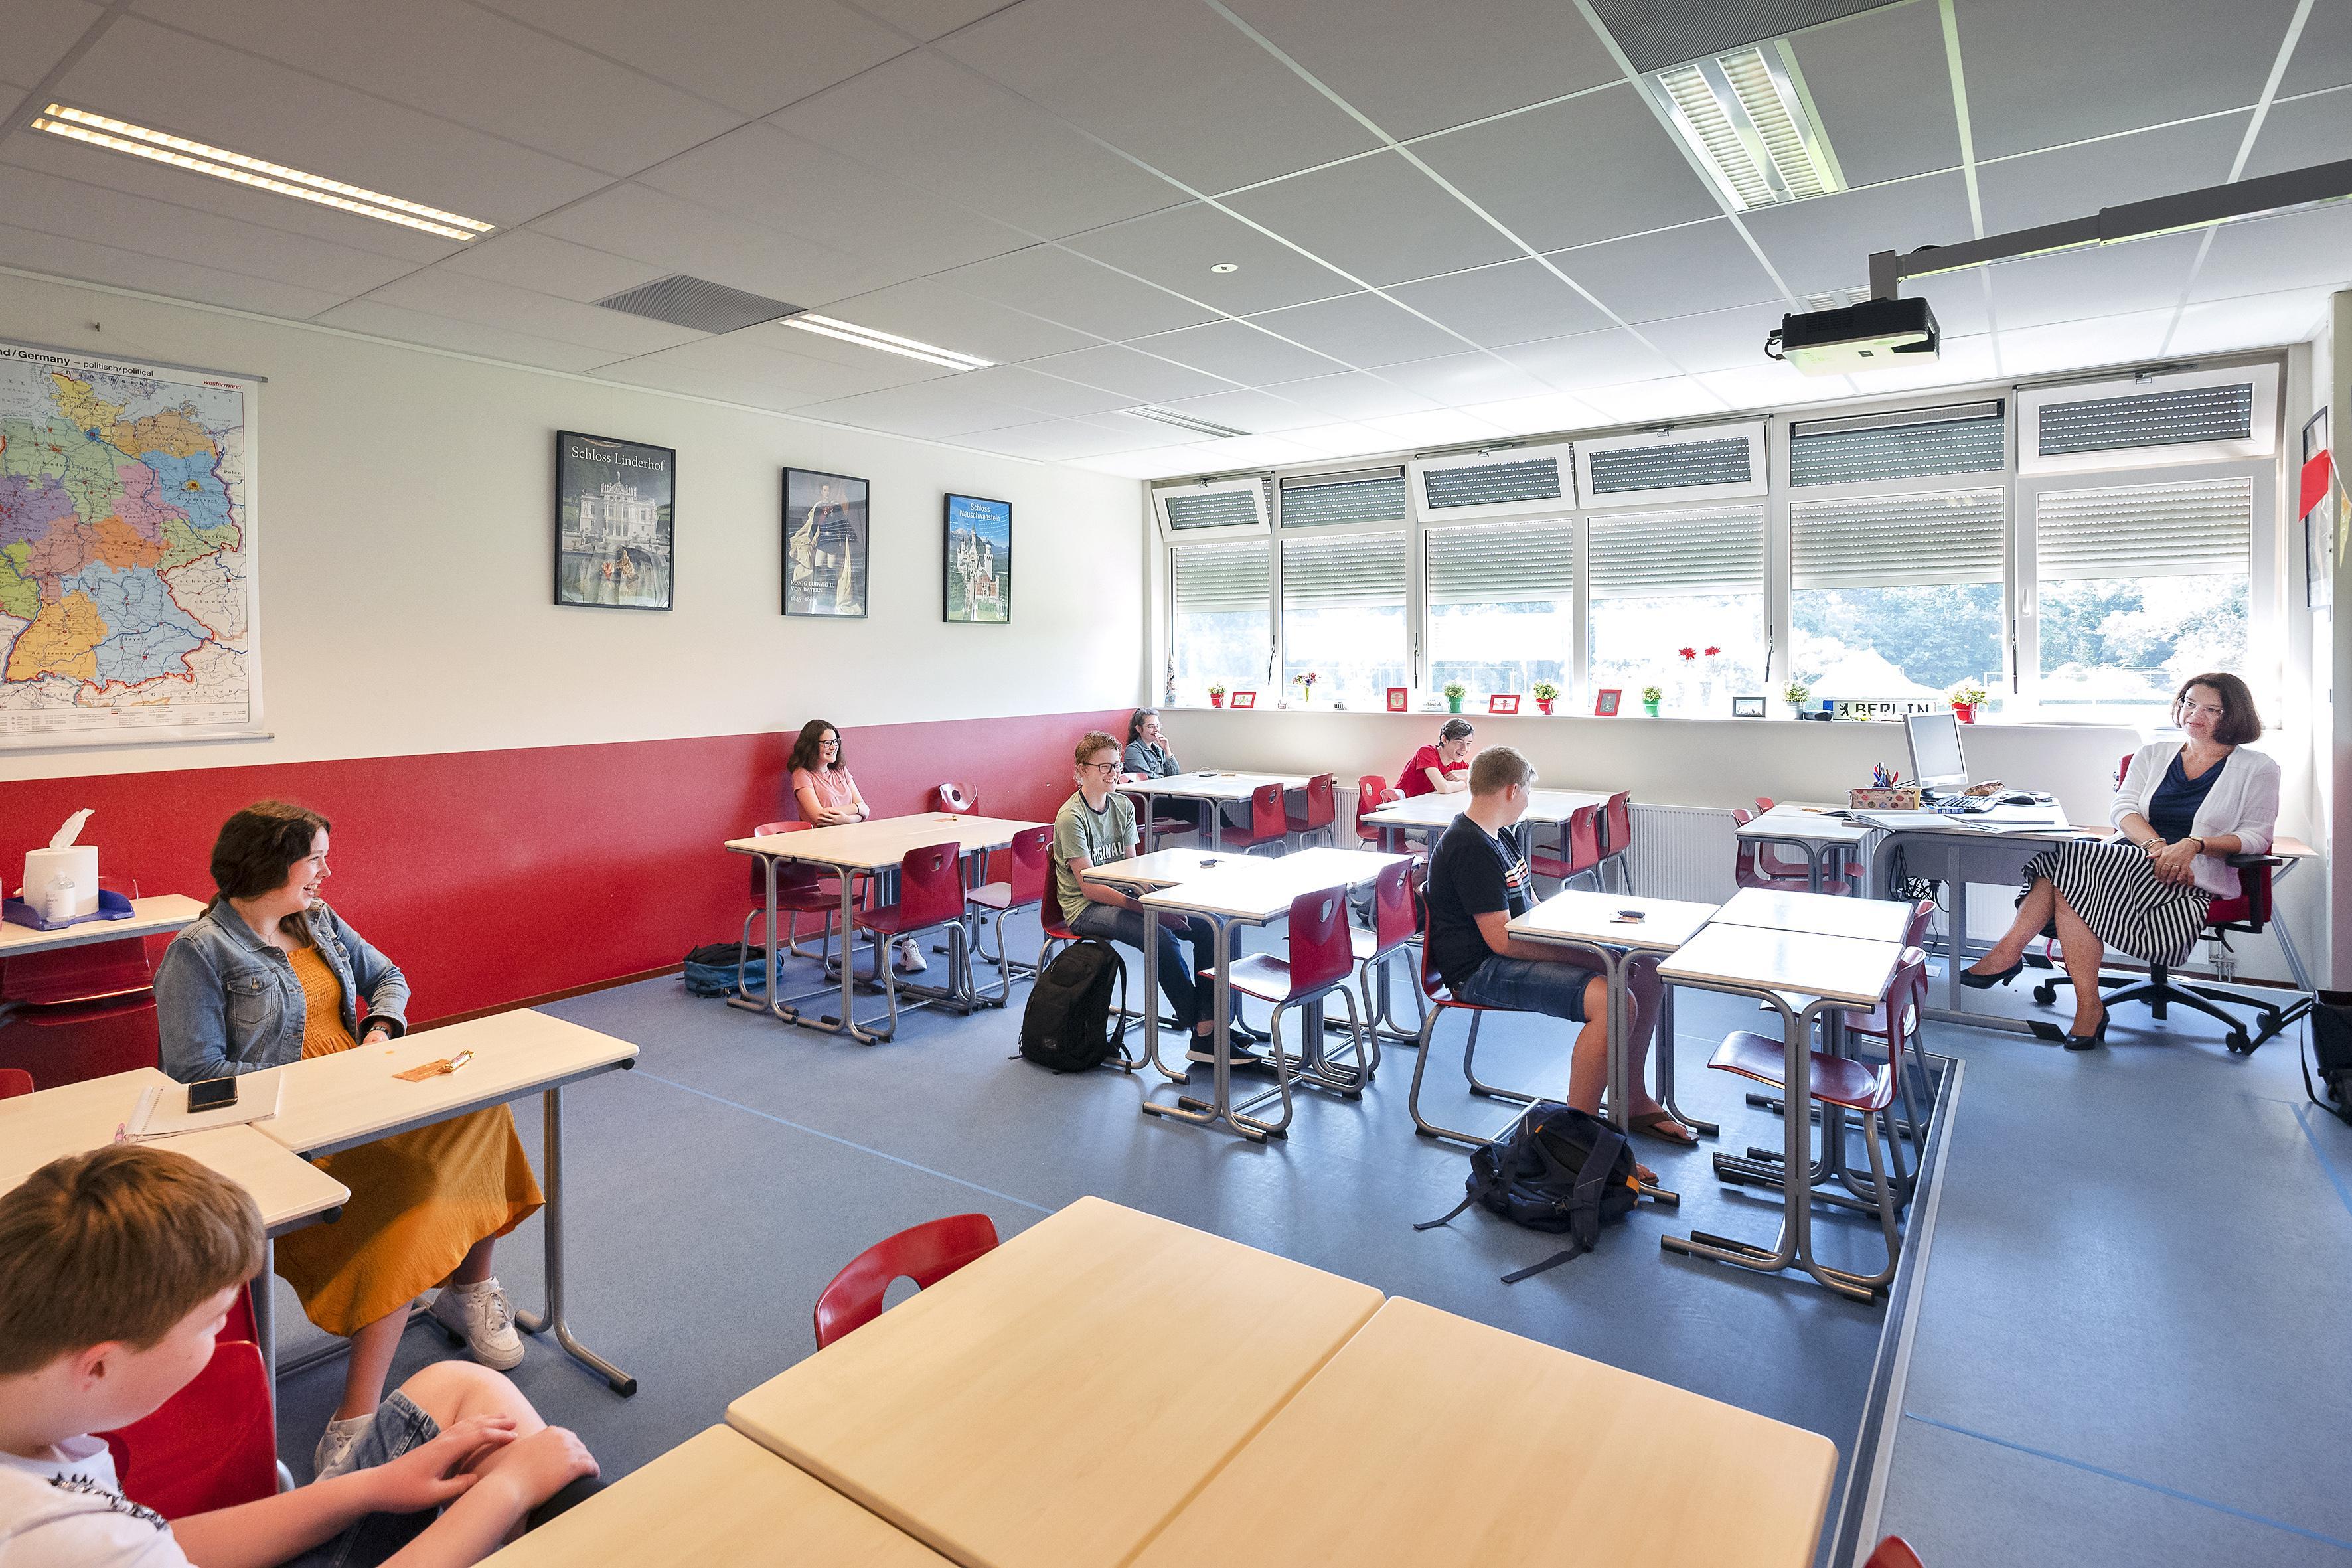 Hoe zit het met de ventilatie op scholen? Gymnasium Felisenum wacht advies niet af en laat luchtkwaliteit onderzoeken